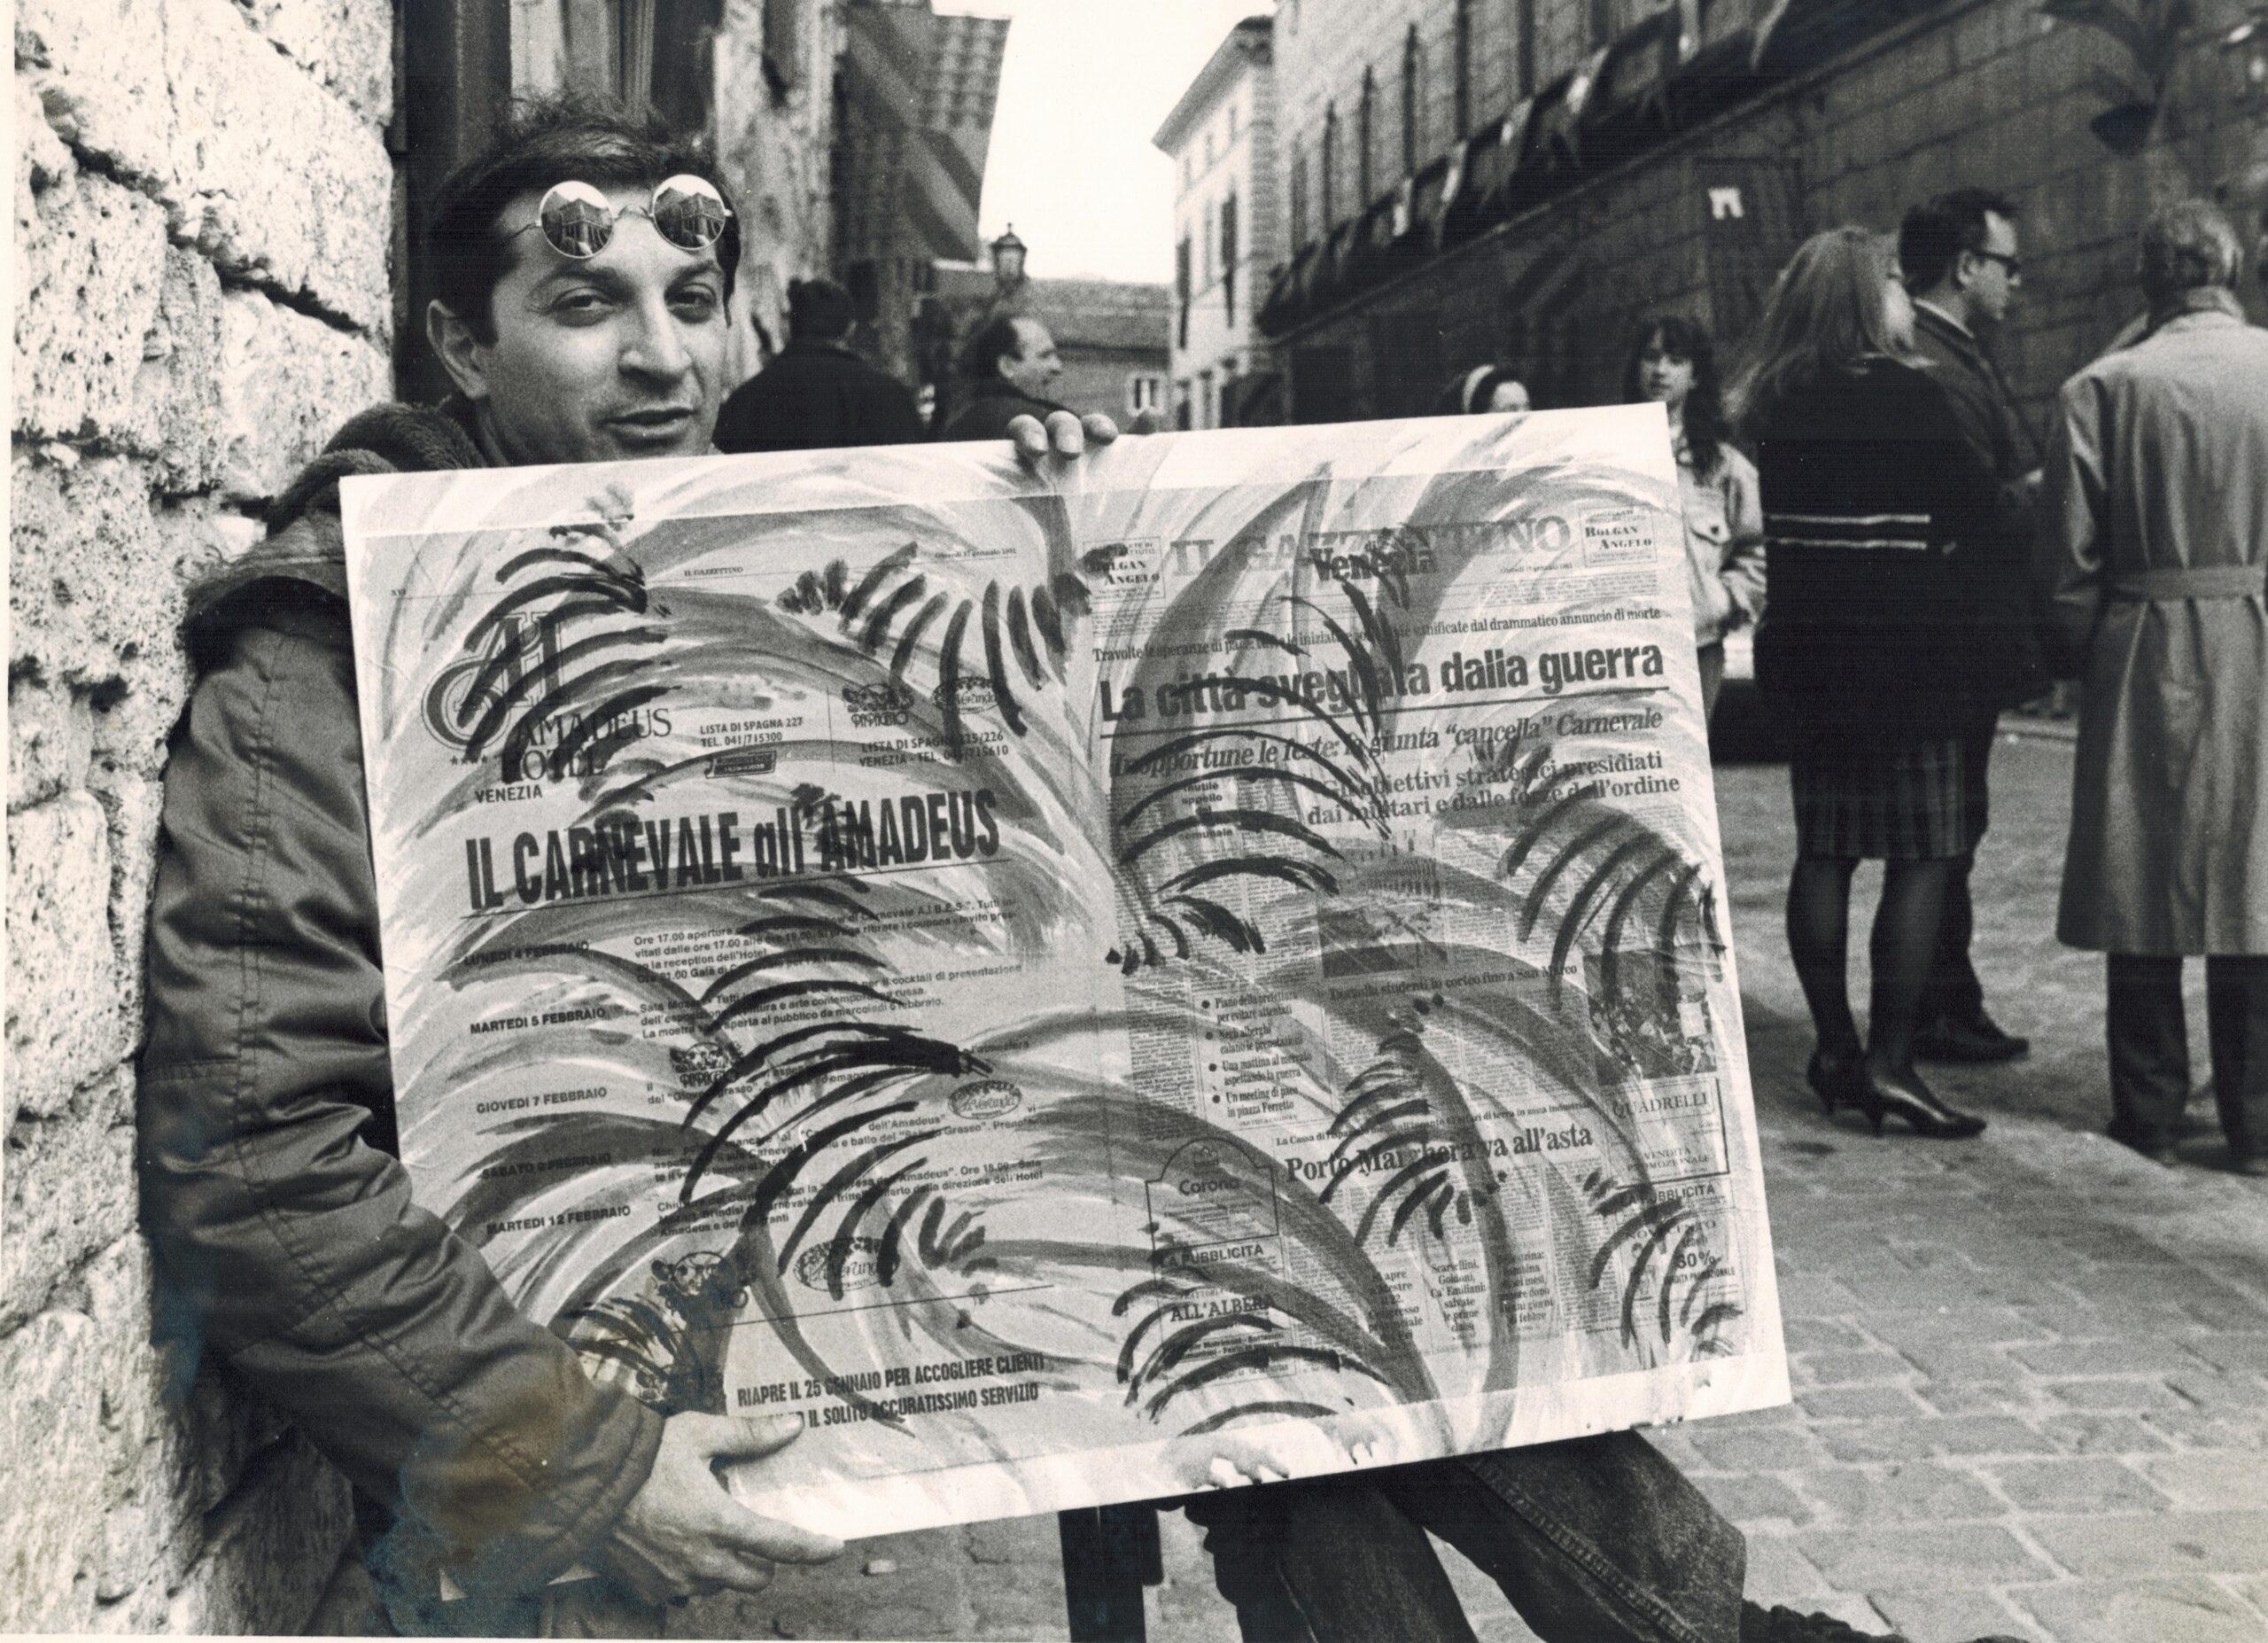 conferito alla memoria di Giacomo Verde il Premio Tuttoteatro.com Renato Nicolini 2020 – settima edizione